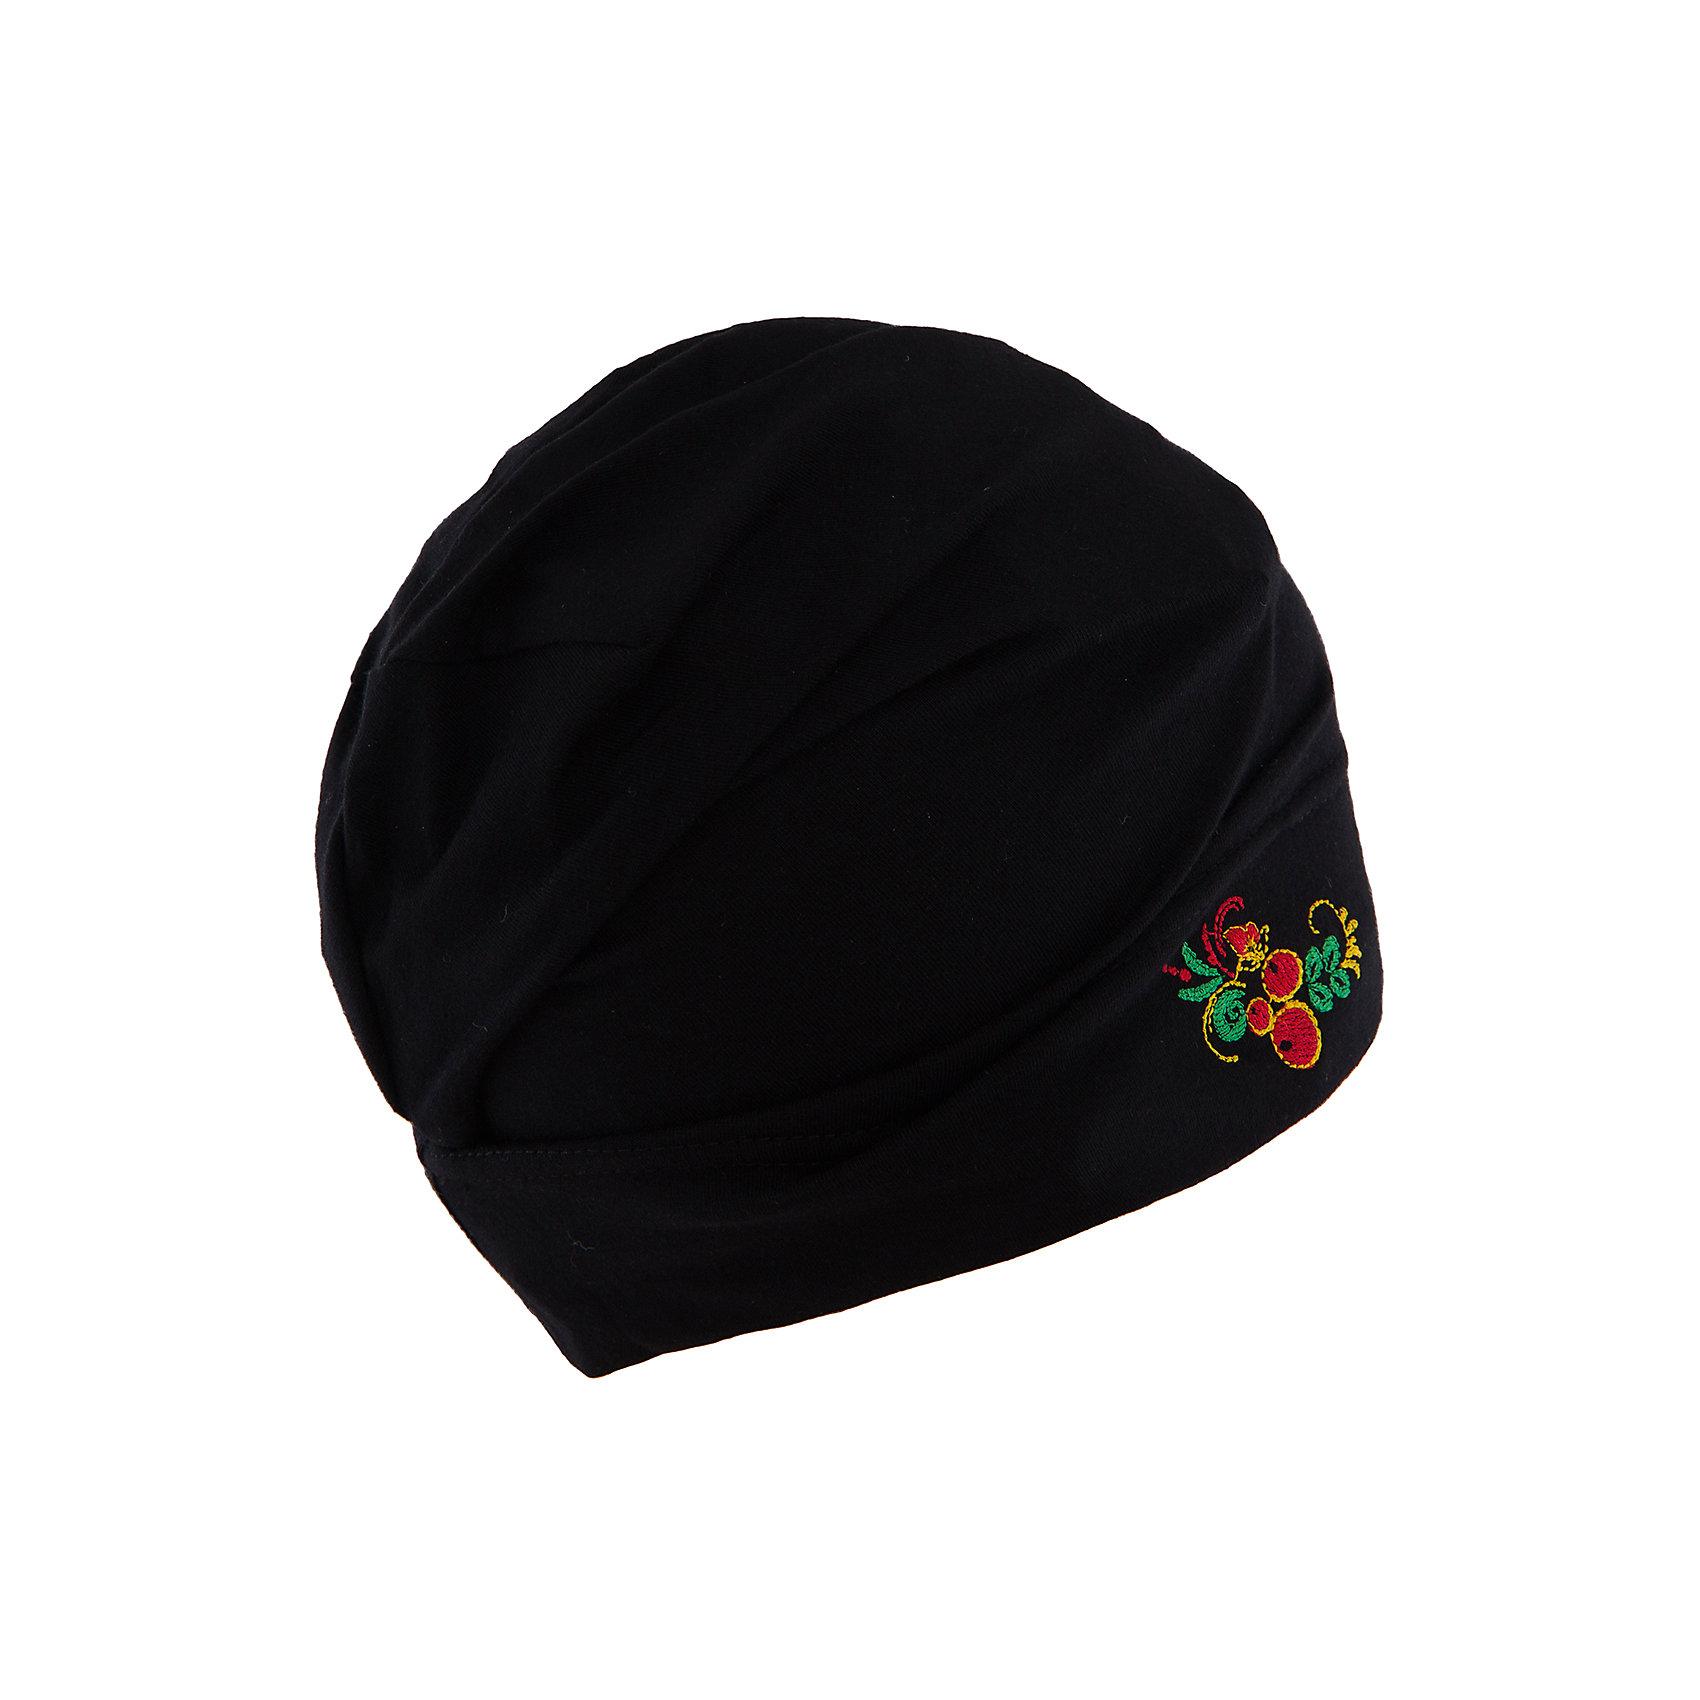 Шапочка для девочки АпрельКрасивая черная шапочка для девочки от торговой марки Апрель с ярким рисунком подойдет к любому гардеробу. Особенно гармонирует с вещами из одноименной коллекции Хохлома.<br><br>Дополнительная информация: <br><br>- коллекция: Хохлома<br>- пол:  для девочки<br>- вид изделия: головной убор<br>- цвет: черный<br>- возраст: детский<br>- состав: хлопок 100%<br>- ткань: кулир<br>- фирма-производитель: Апрель<br>- страна-производитель: Россия<br><br>Шапочку для девочки коллекции Хохлома от торговой марки Апрельможно купить в нашем интернет-магазине.<br><br>Ширина мм: 89<br>Глубина мм: 117<br>Высота мм: 44<br>Вес г: 155<br>Цвет: черный<br>Возраст от месяцев: 48<br>Возраст до месяцев: 60<br>Пол: Женский<br>Возраст: Детский<br>Размер: 52,54<br>SKU: 4763612